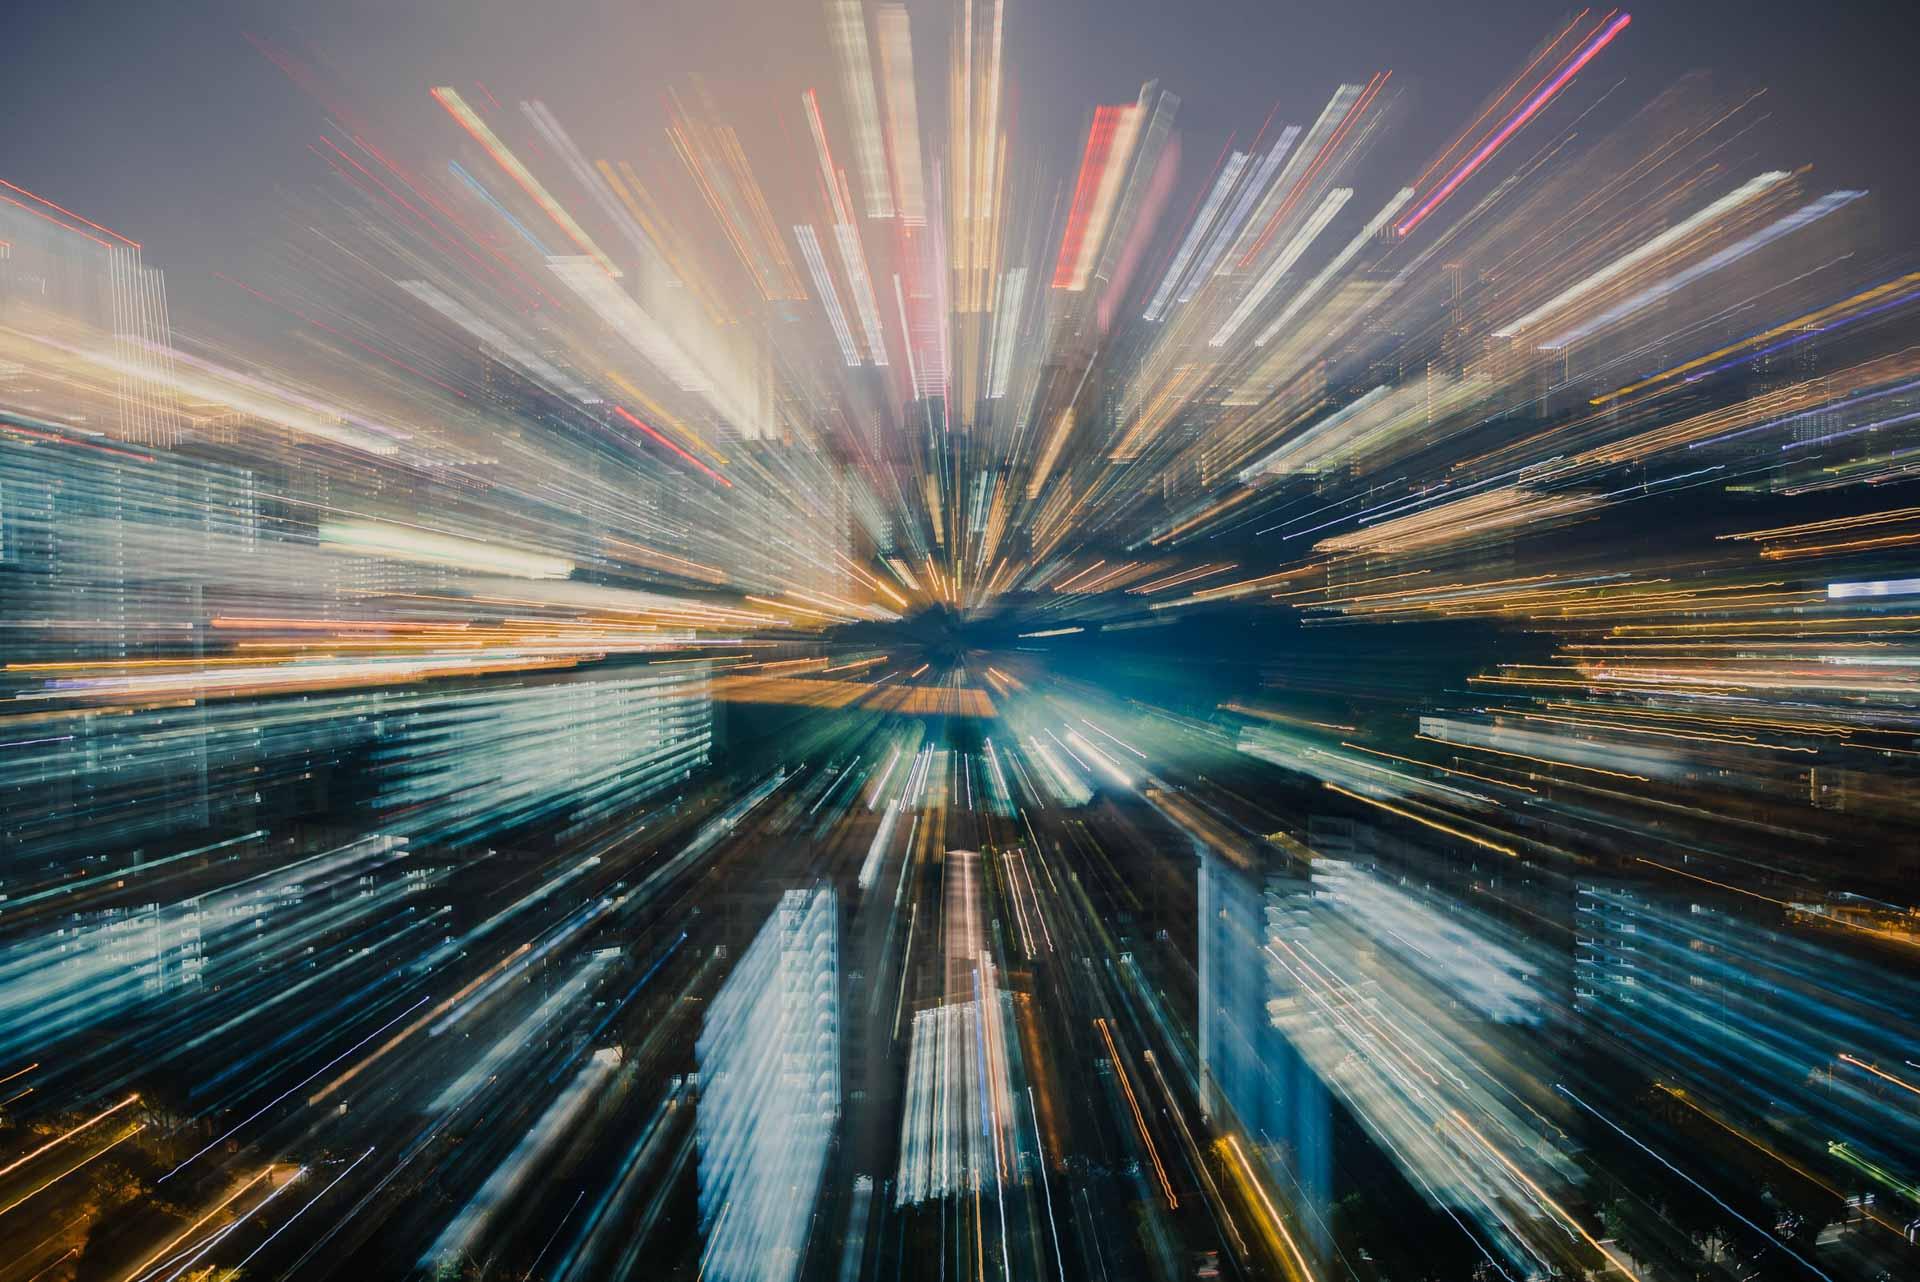 Hoe maak je een zoom burst foto